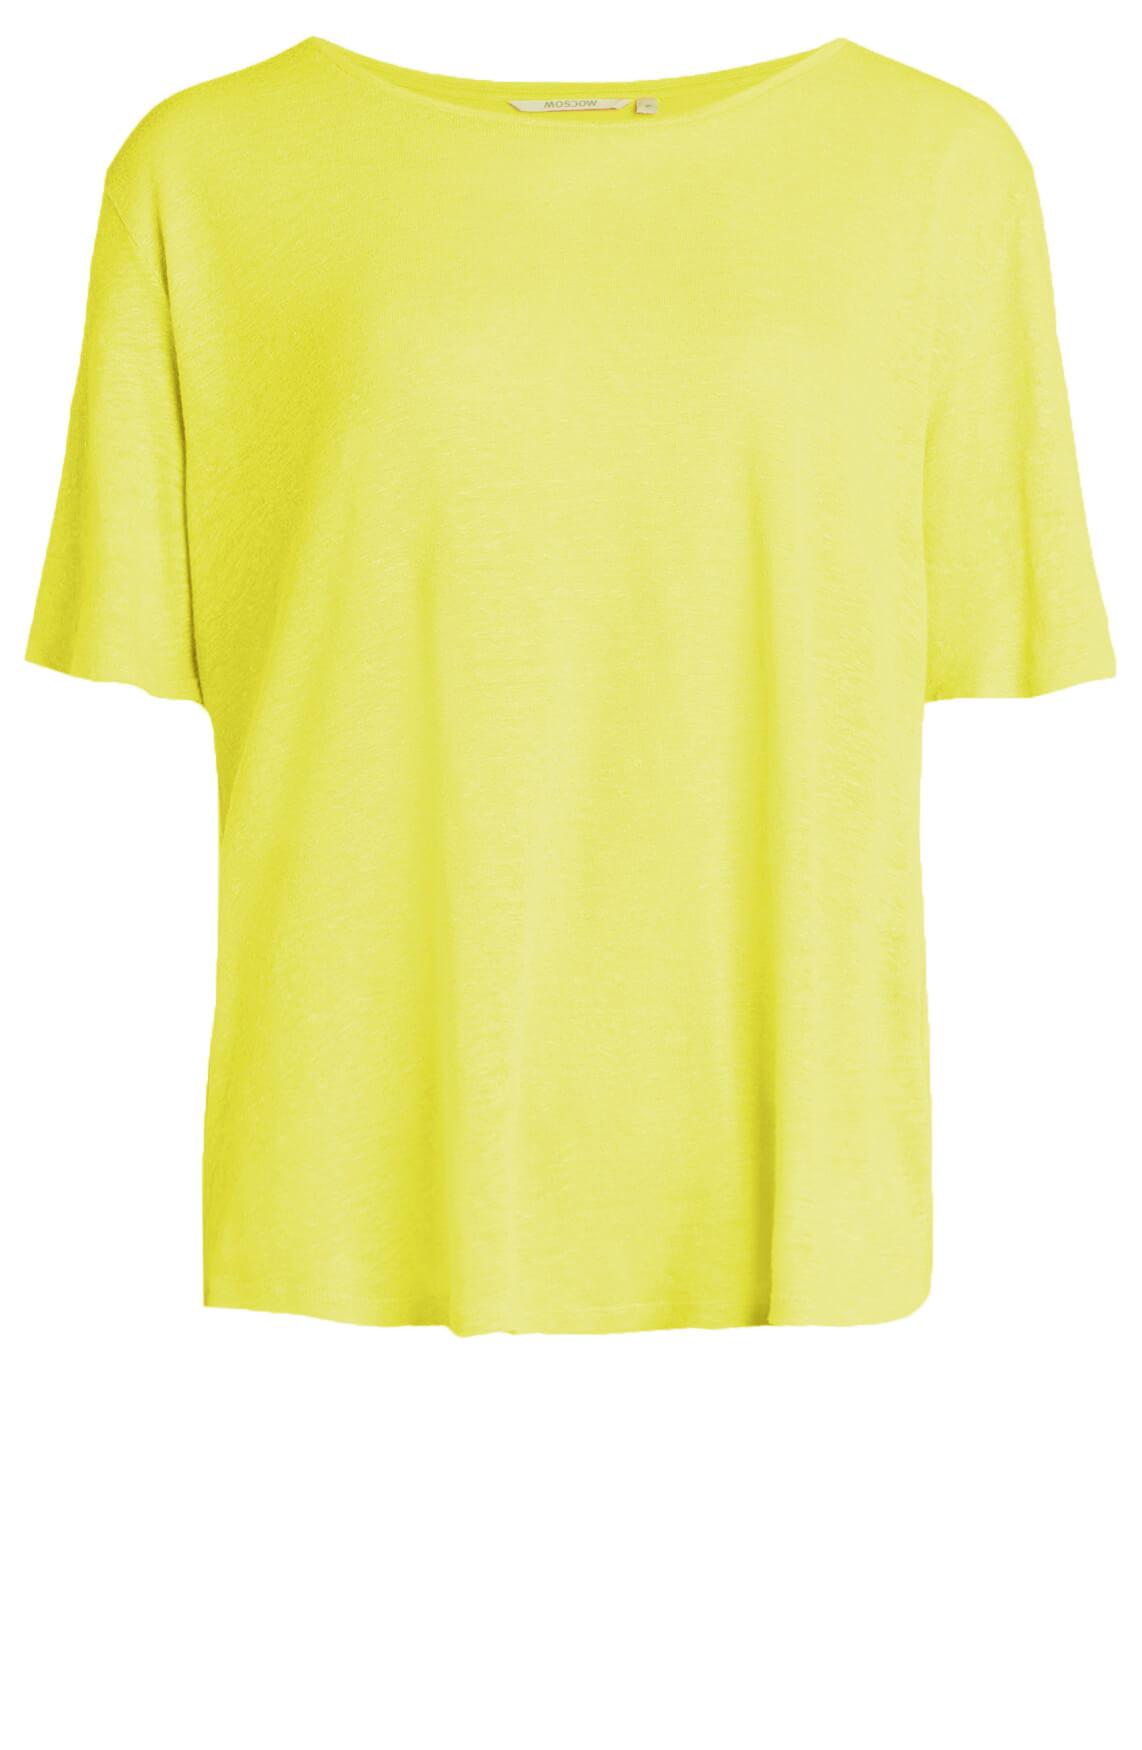 Moscow Dames Linnen shirt geel